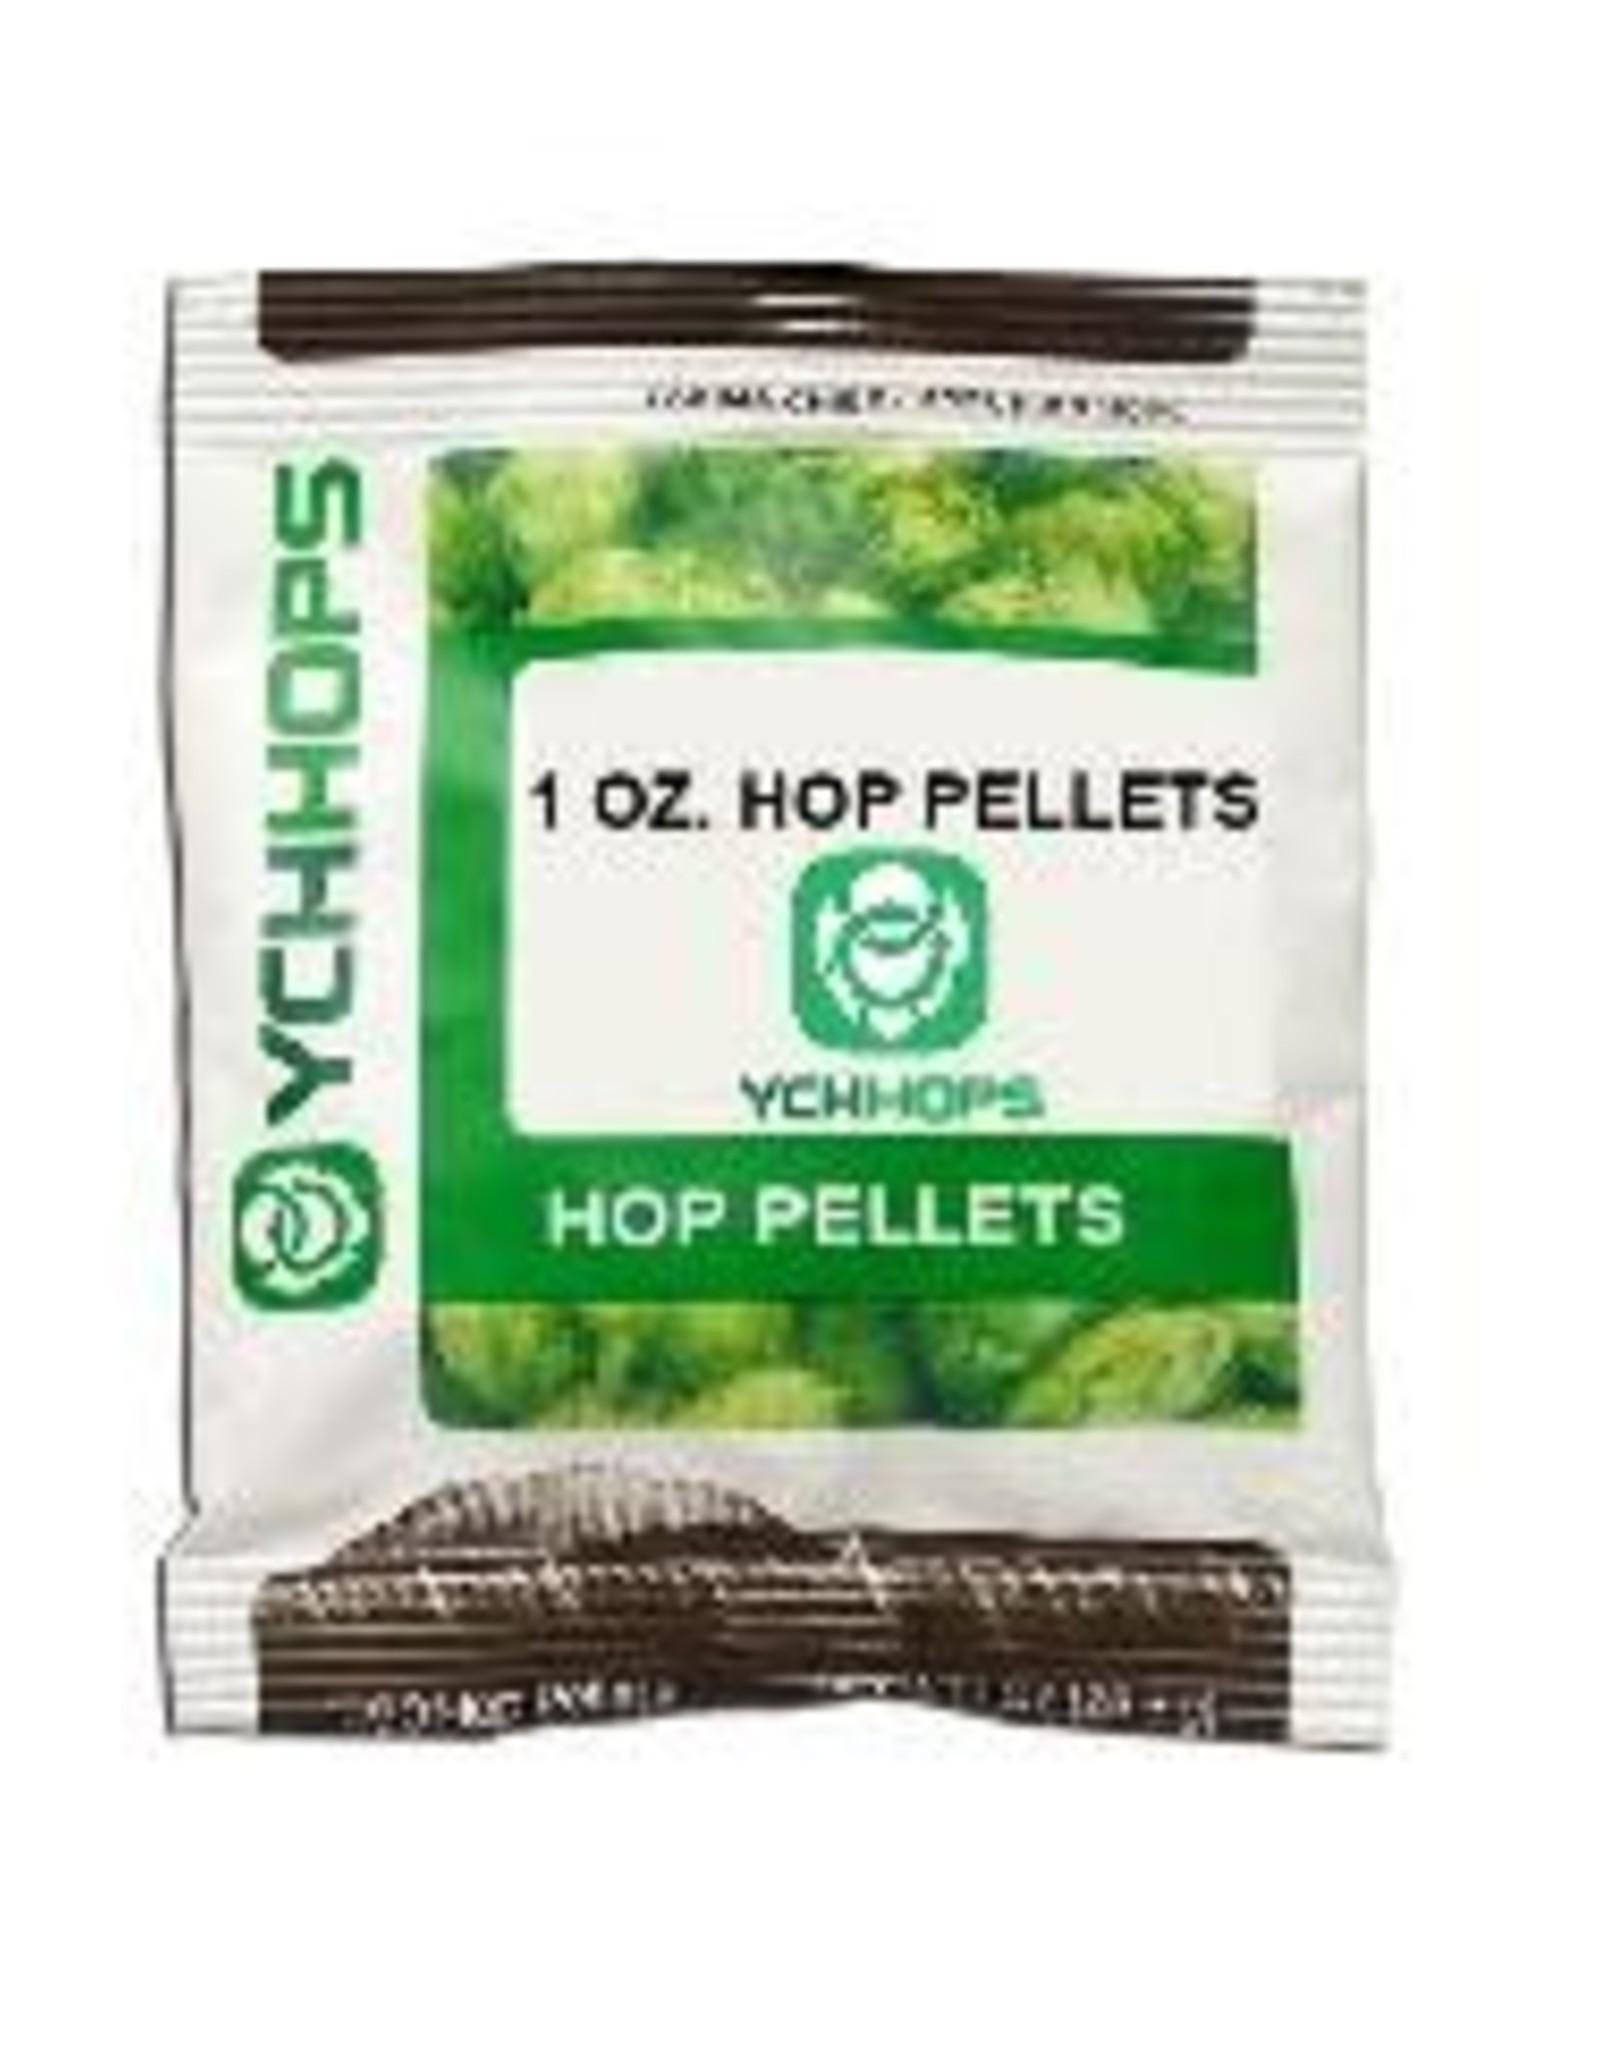 NORTHERN BREWER Hop Pellets- 1 oz.